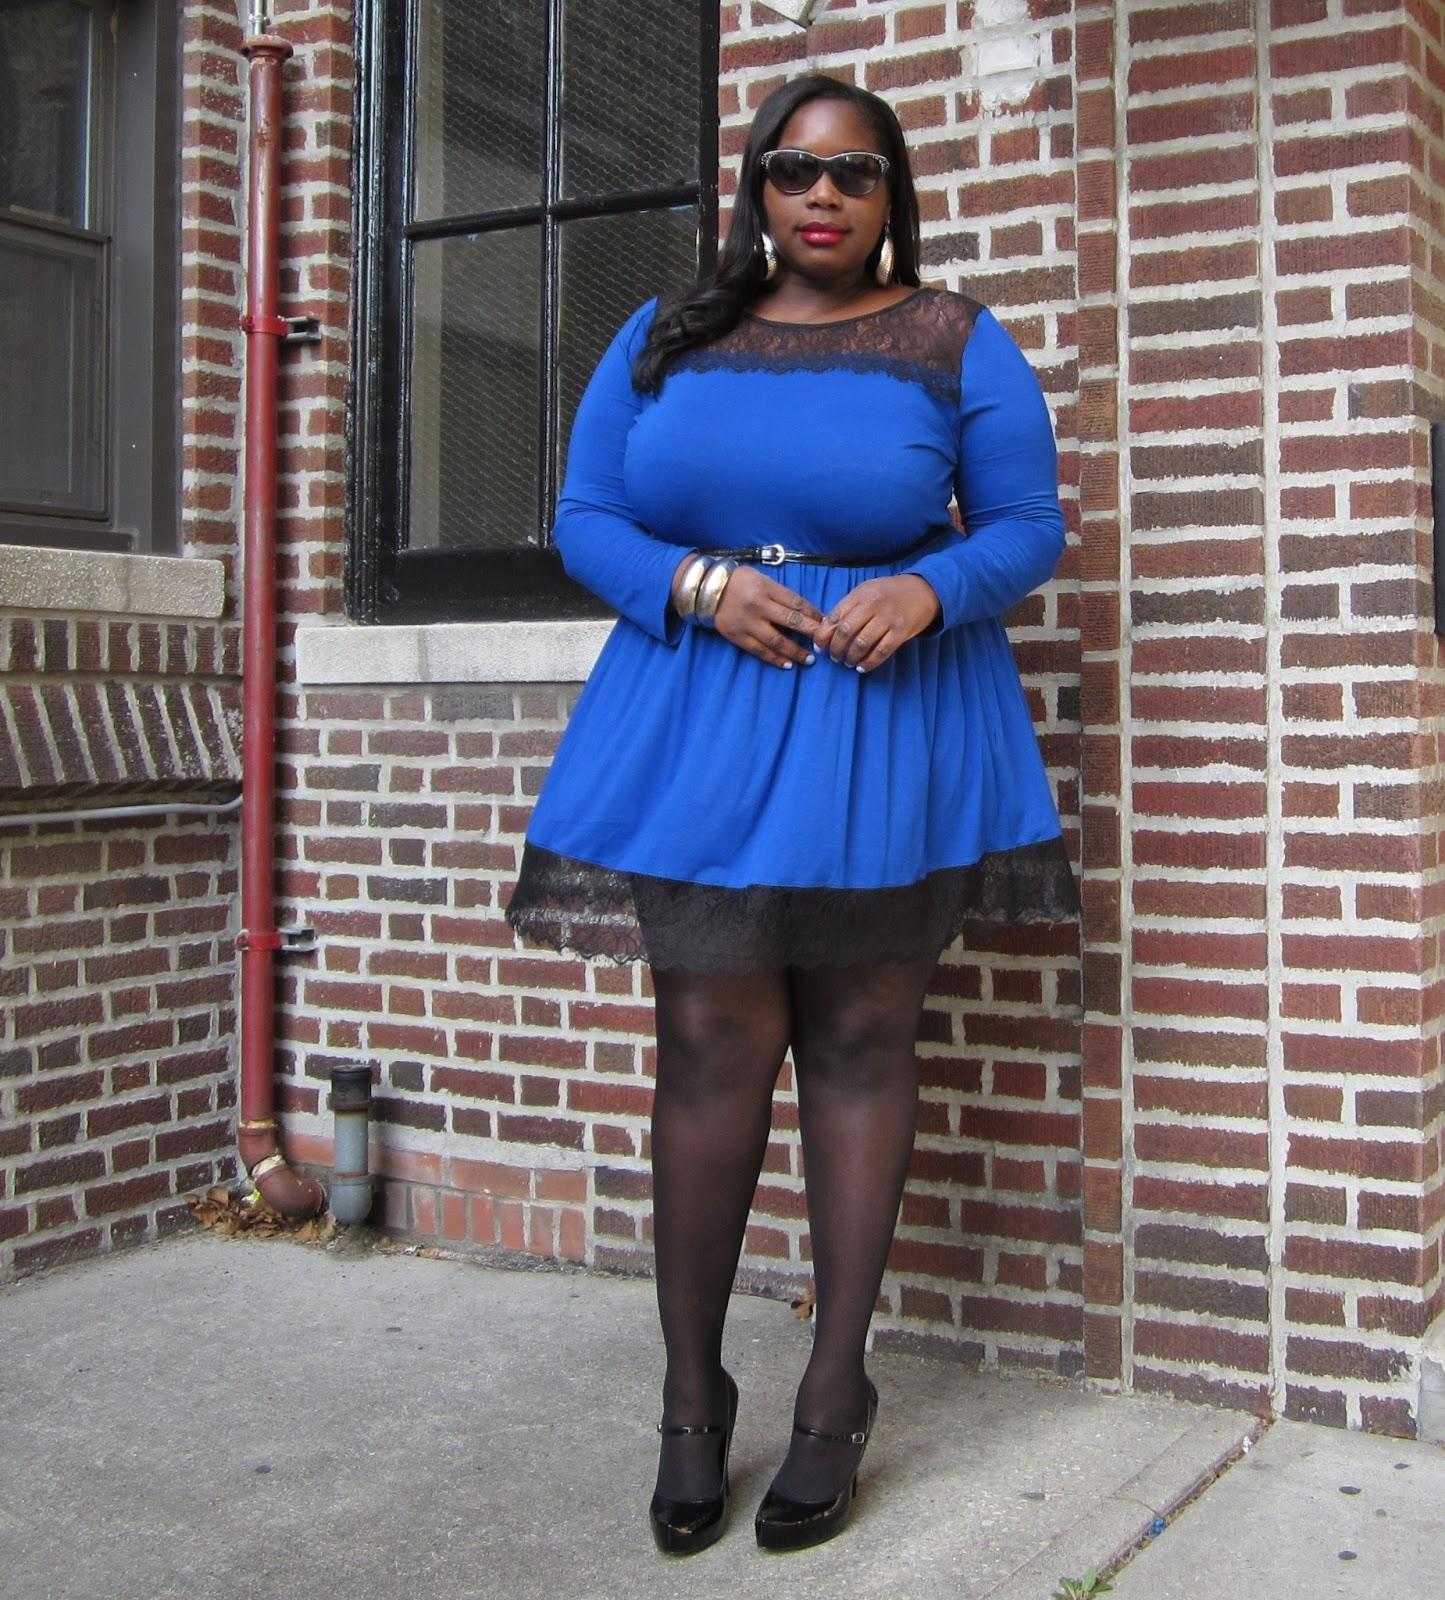 Одетые толстые девушки фото